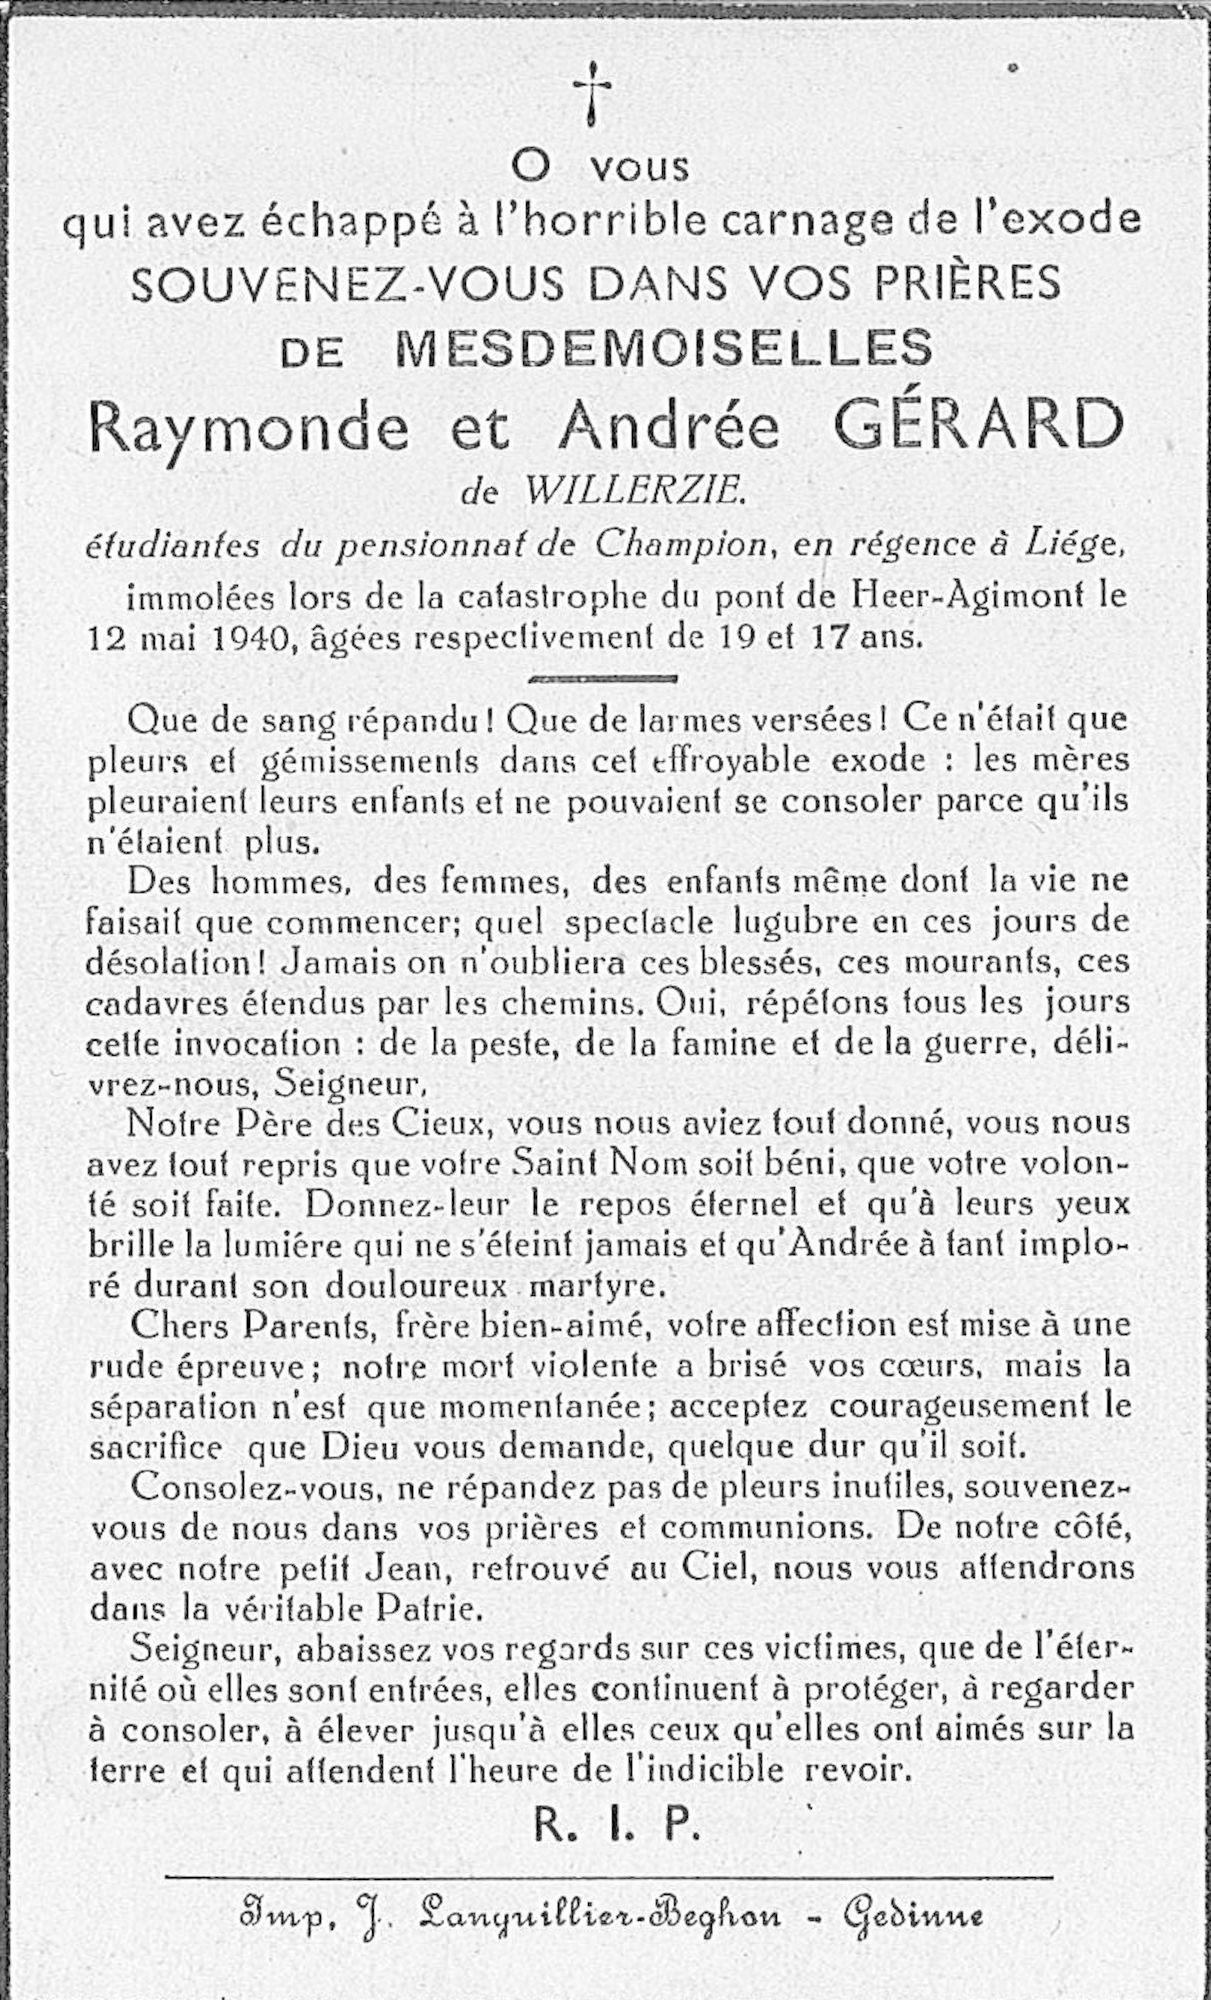 Raymonde Gérard de Willerzie